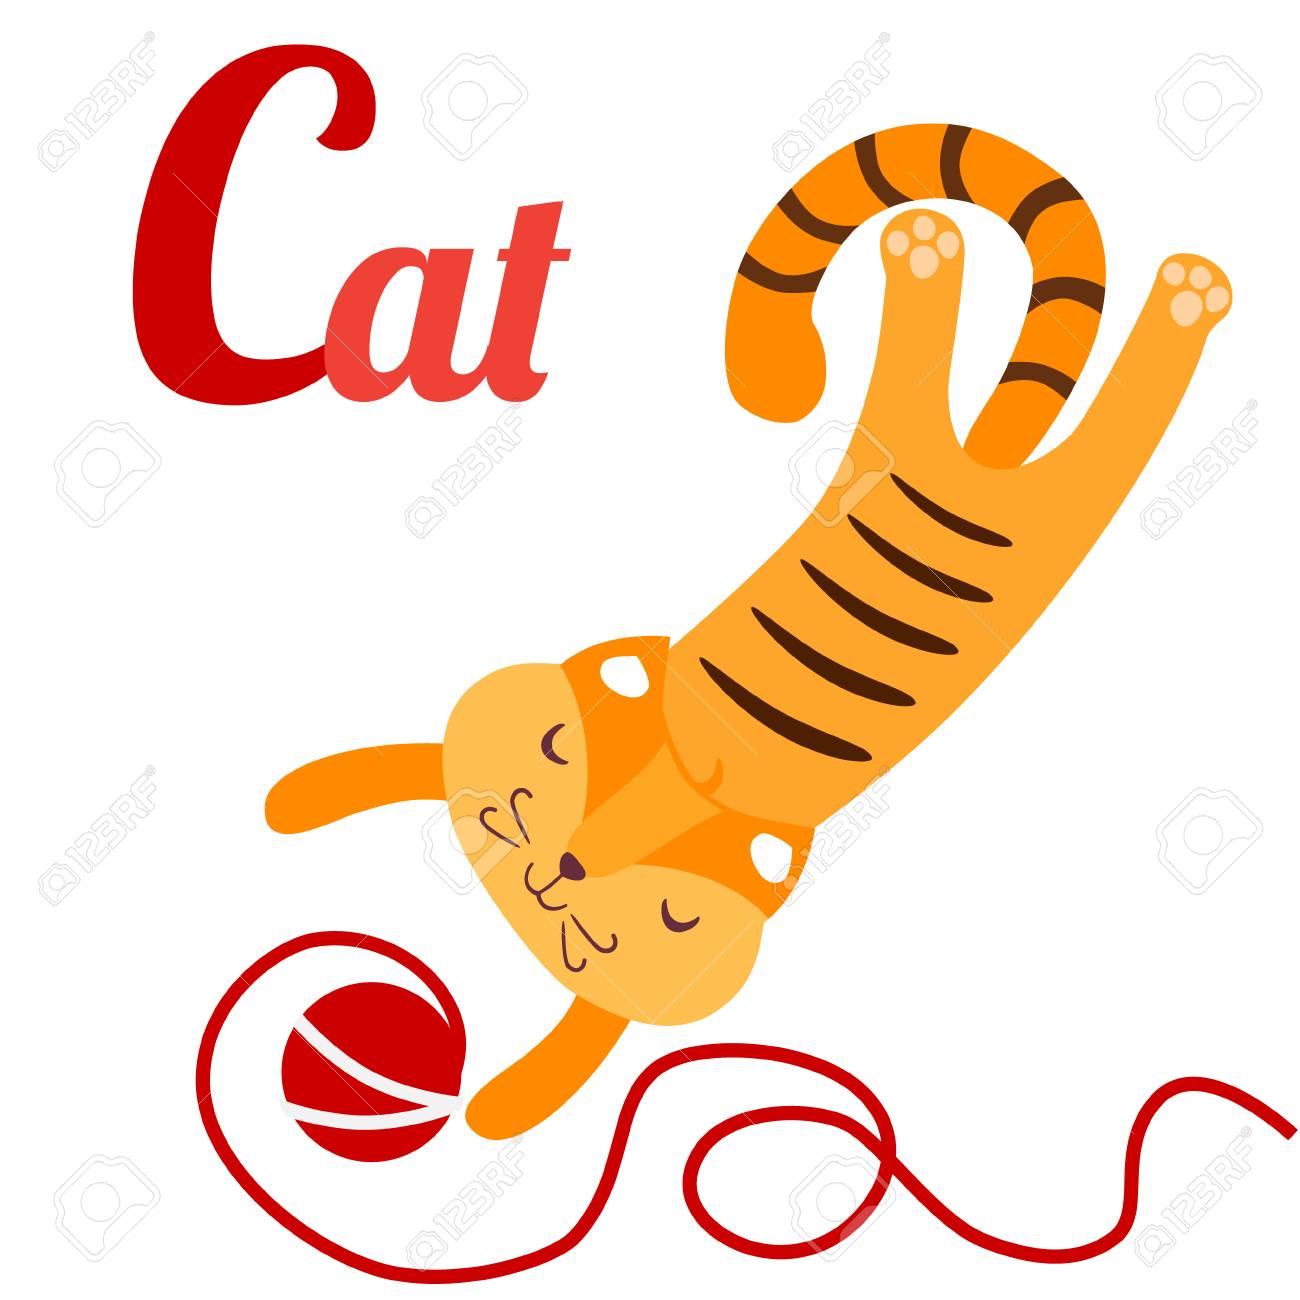 毛糸の玉とかわいい猫のベクター イラストですc 状の猫英語の